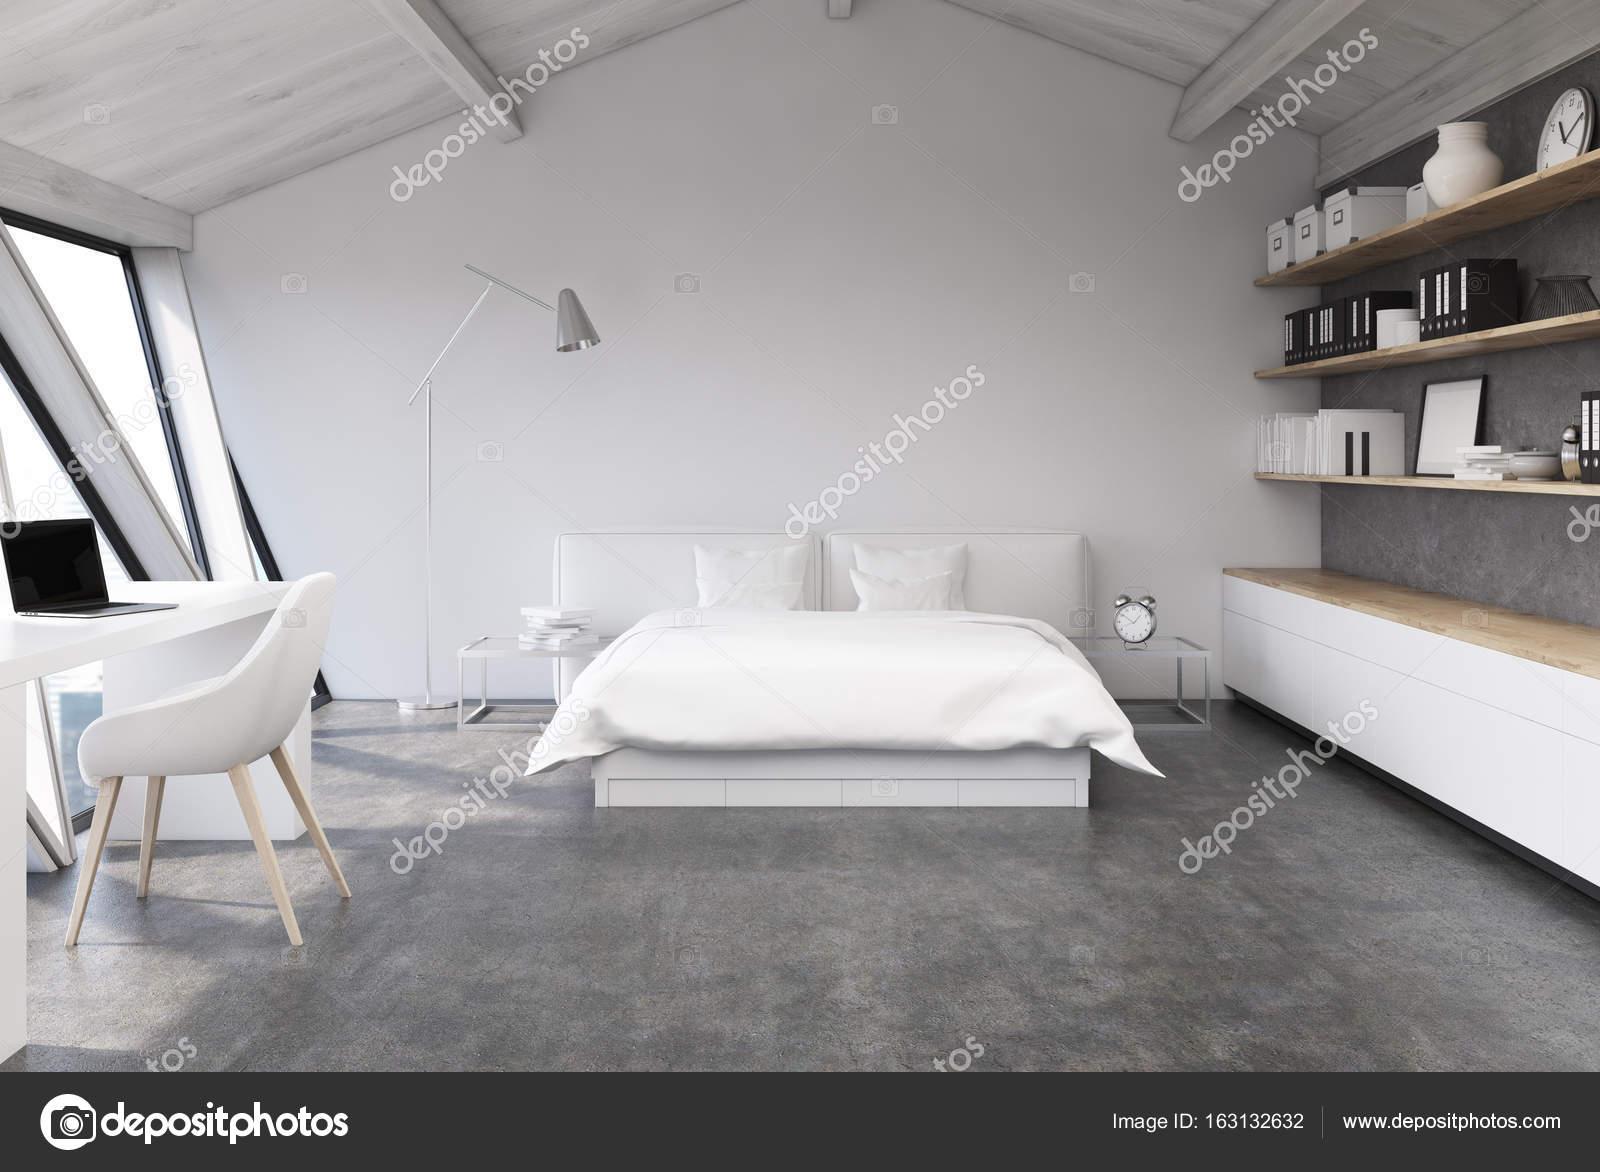 Biała Sypialnia Na Strychu Betonu Zdjęcie Stockowe